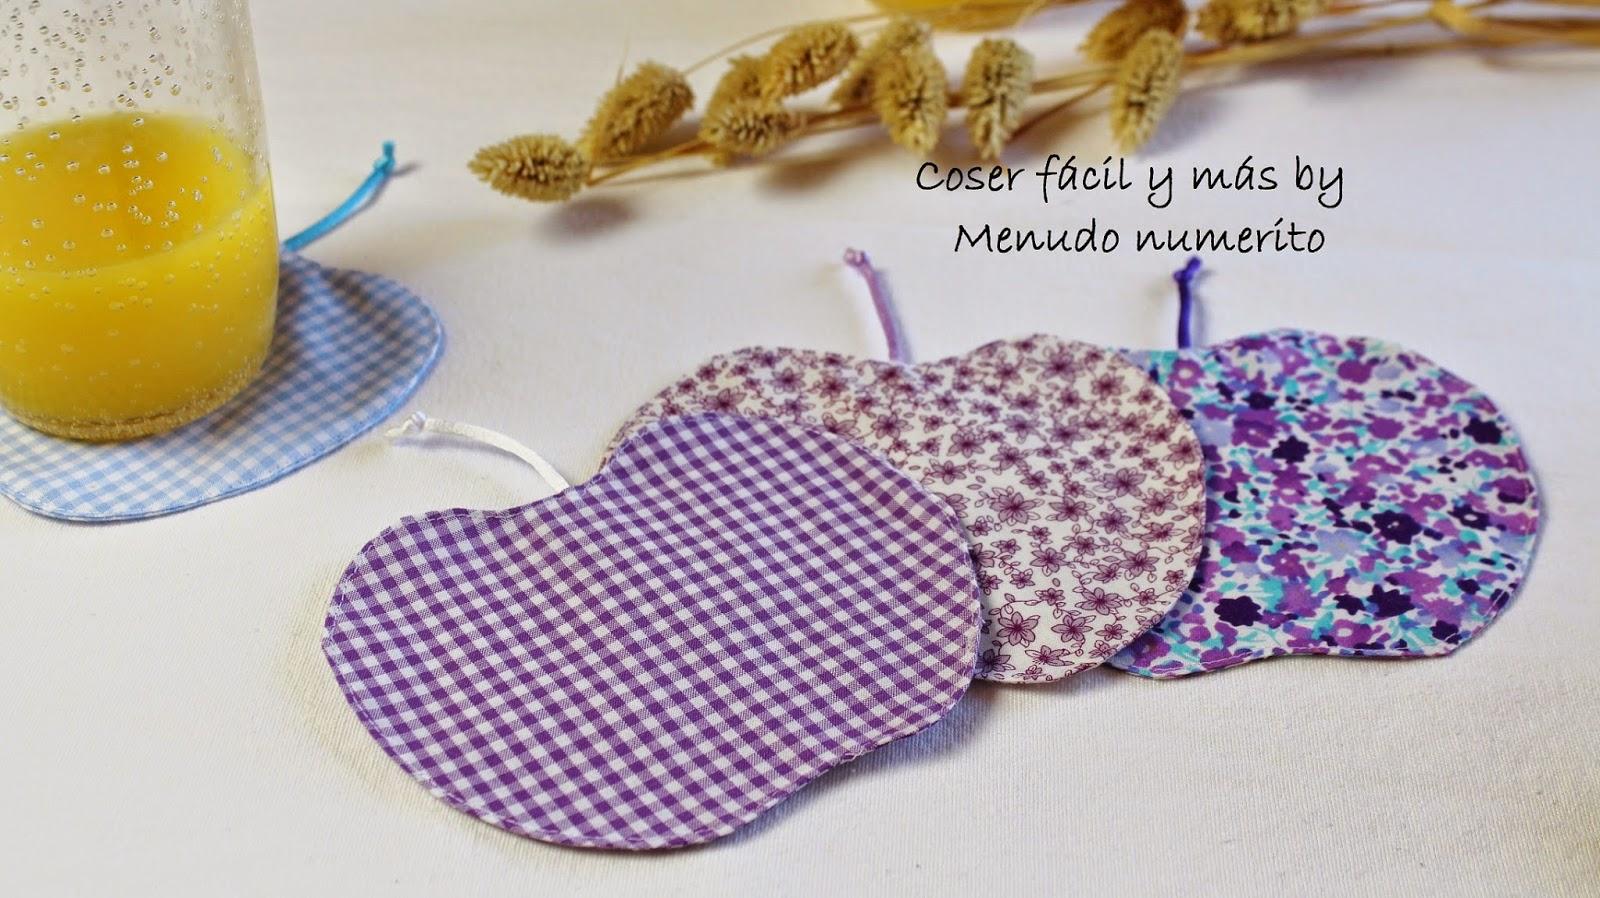 Decoracion En Telas Paso A Paso ~      Costura creativa 8 Ideas para reciclar prendas y restos de telas